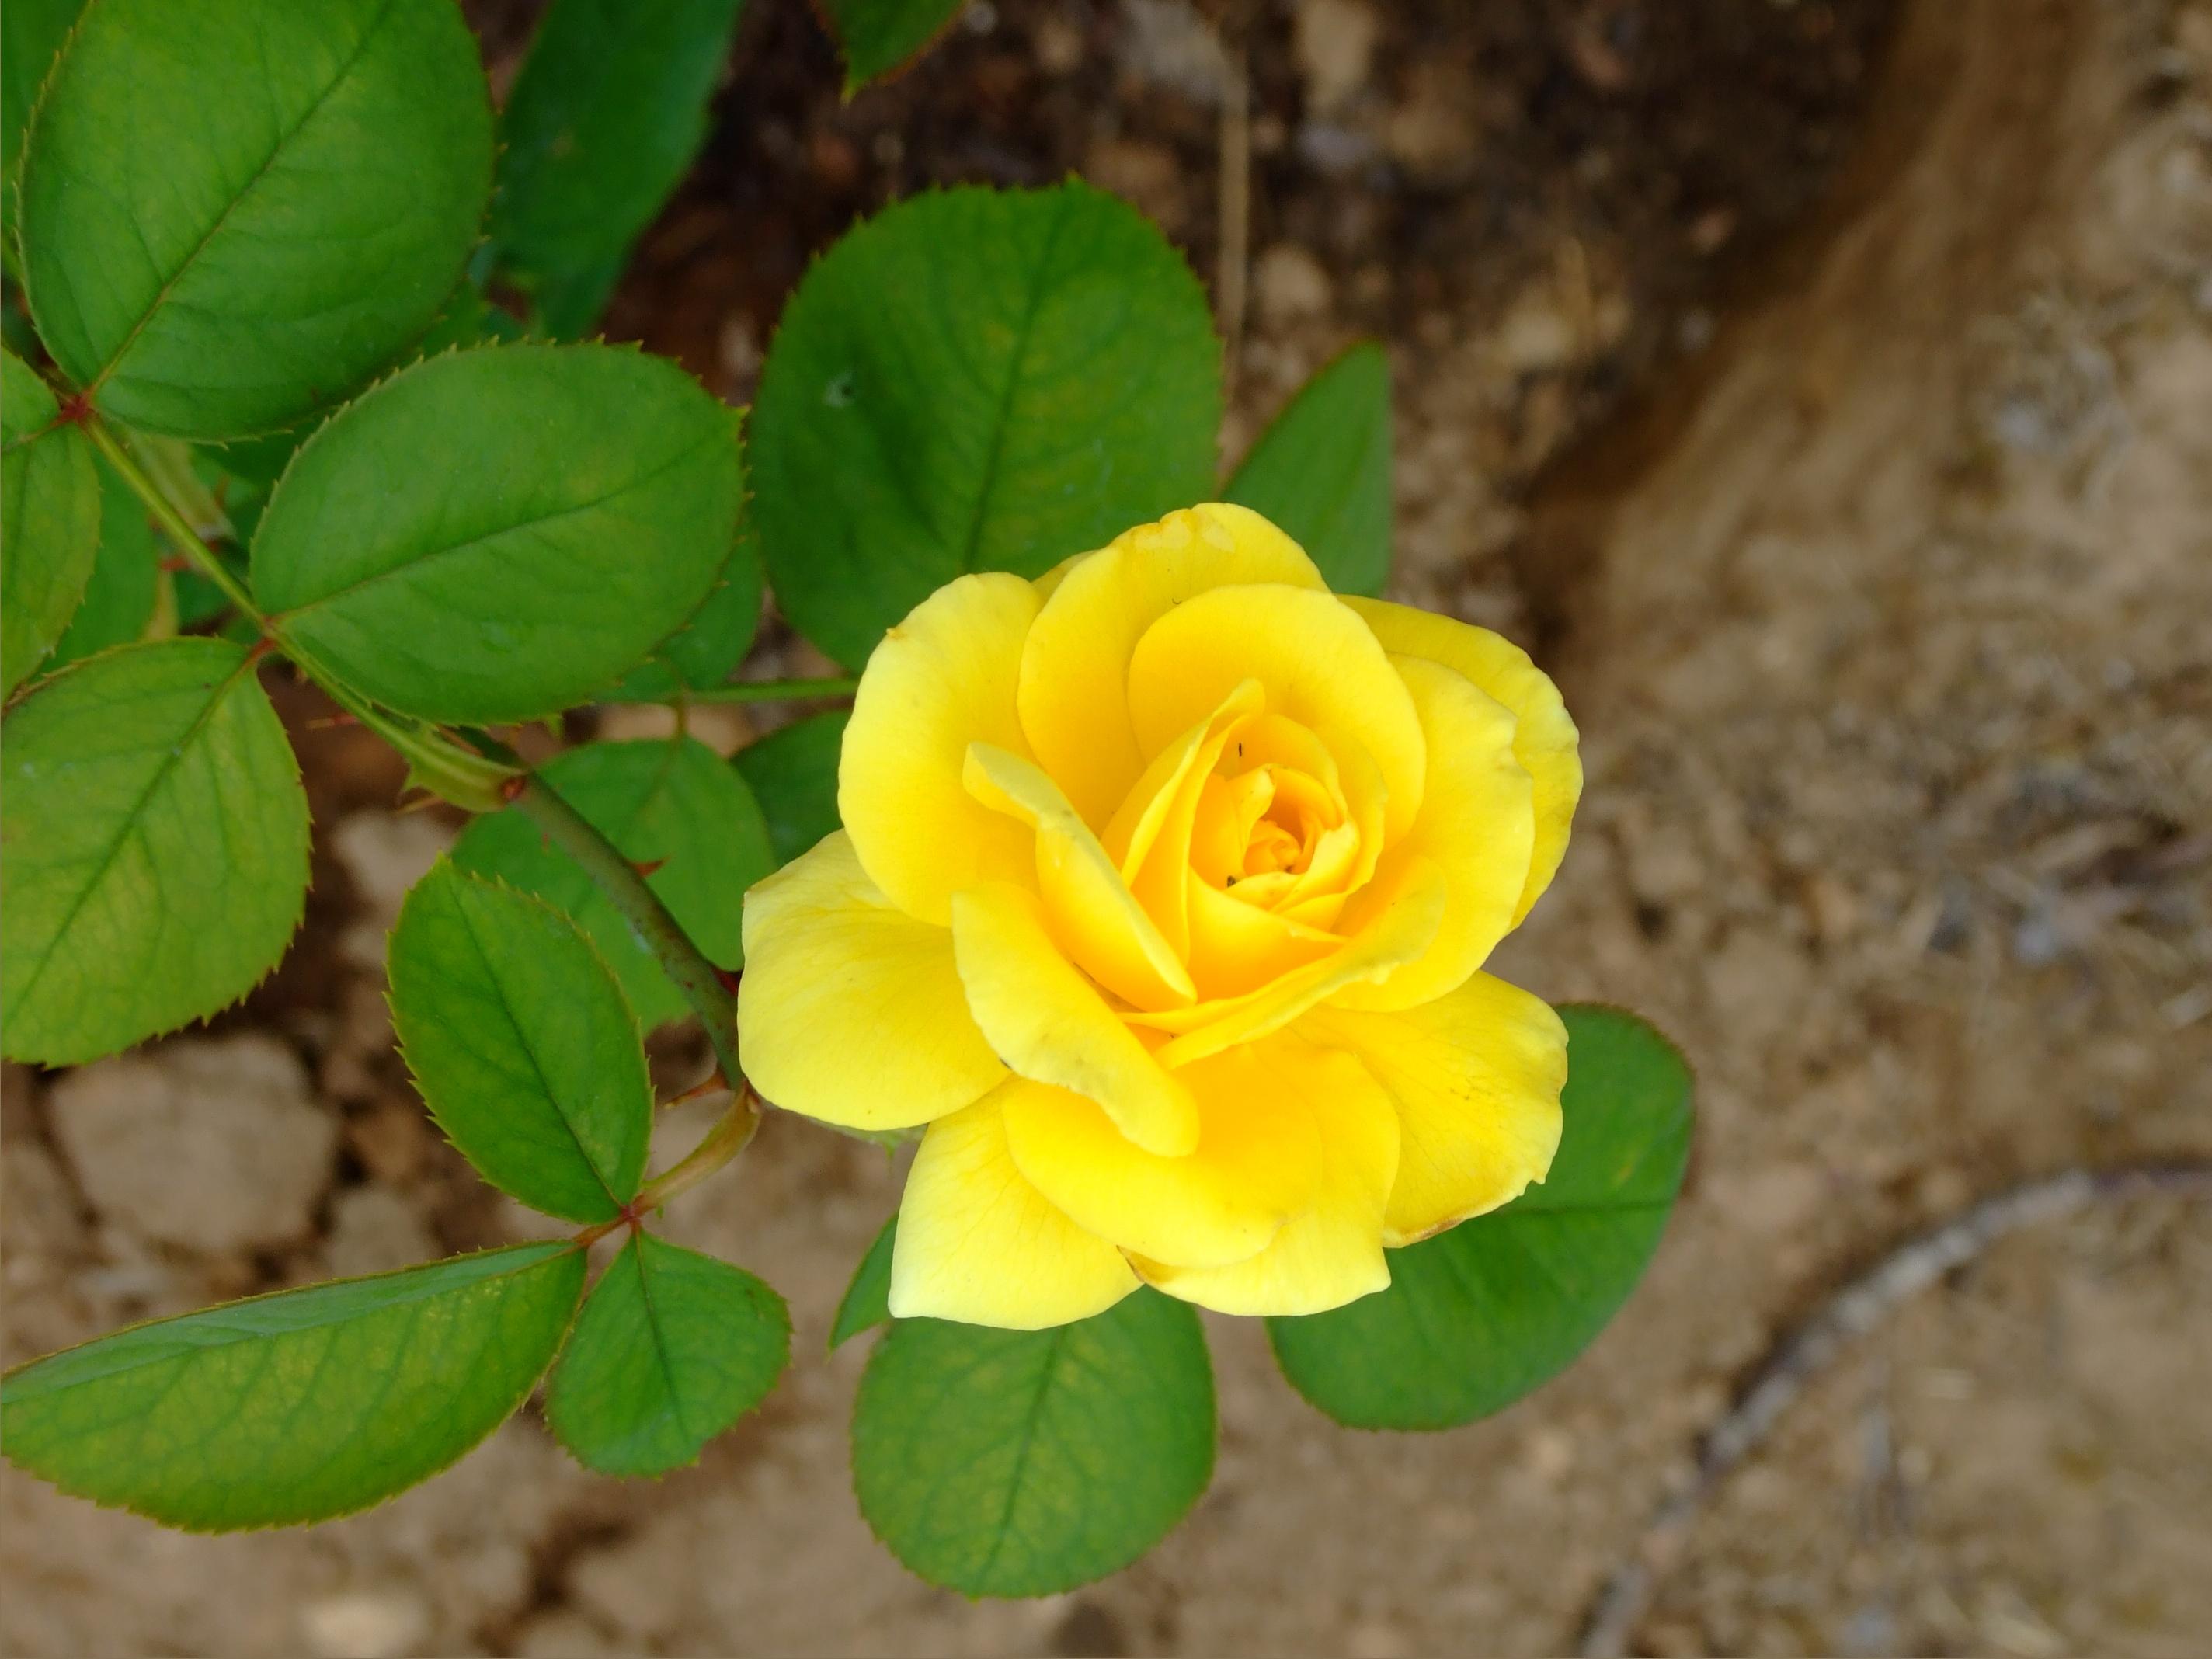 English rose garden wallpaper - Beautiful Yellow Rose Gardens Picture Of The Yellow Rose